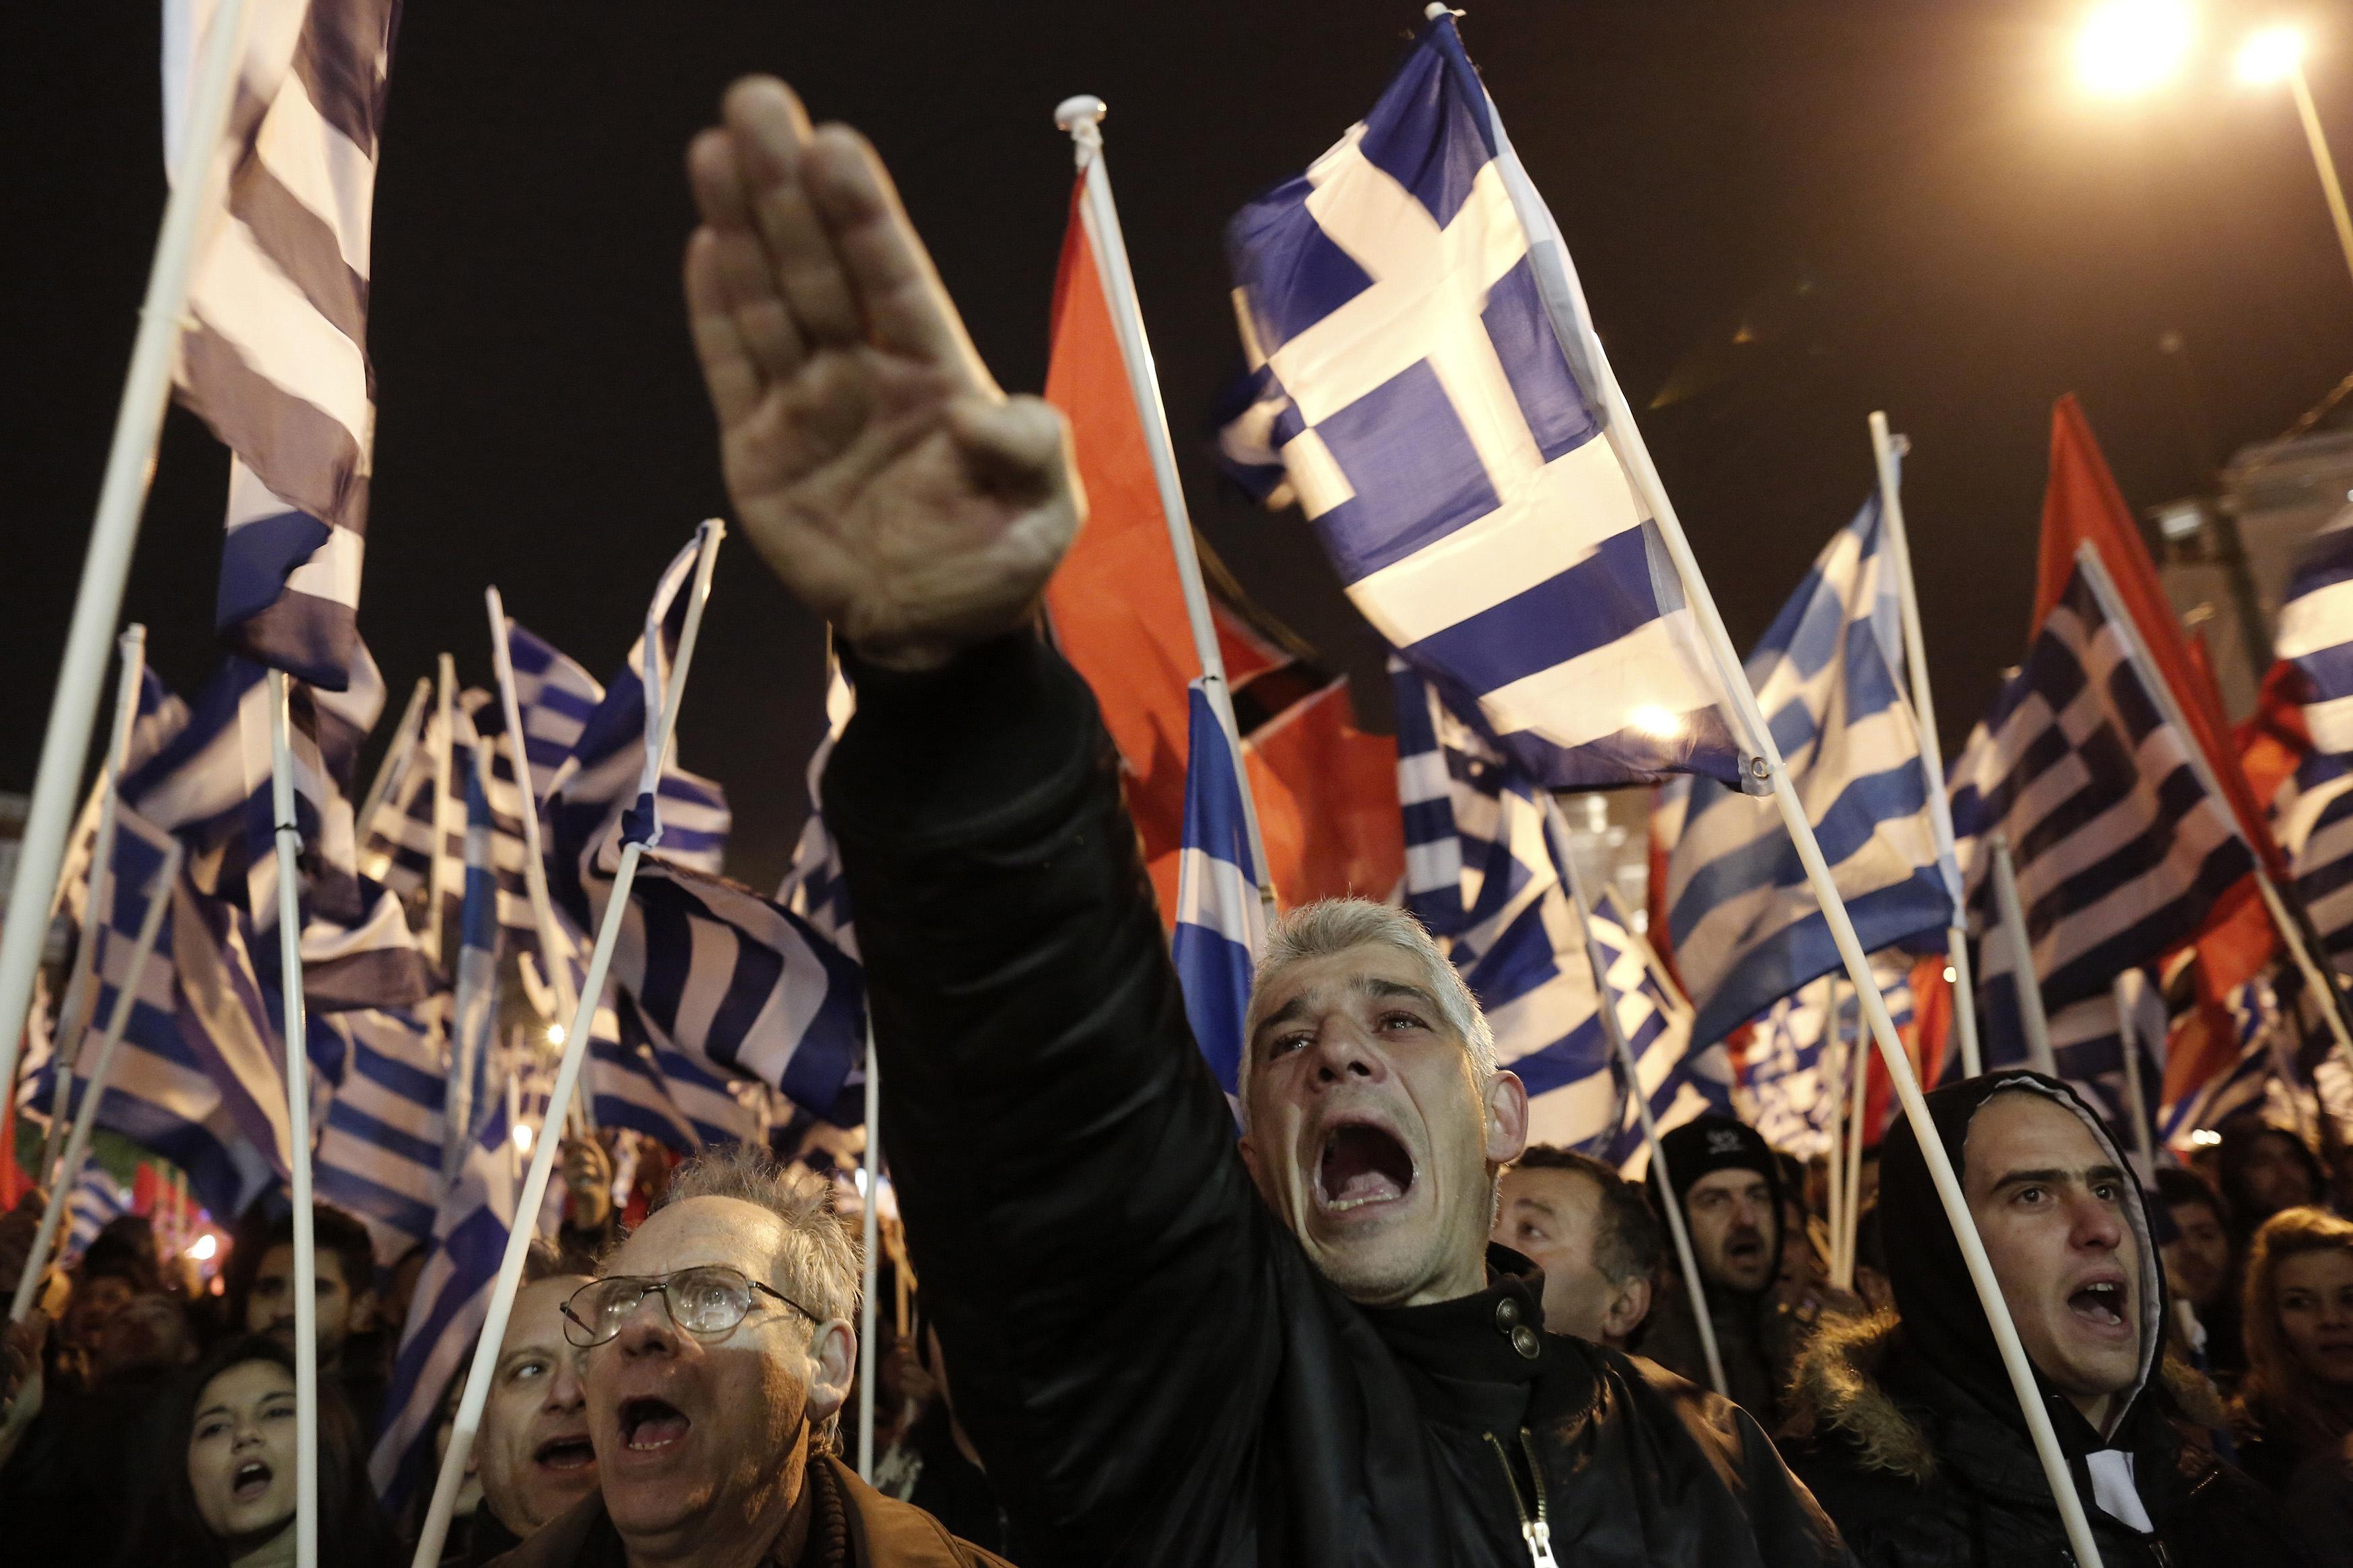 Imagen tomada durante una marcha de partidarios de Amanecer Dorado en Atenas | ©Yannis Kolesidis / AP Photo